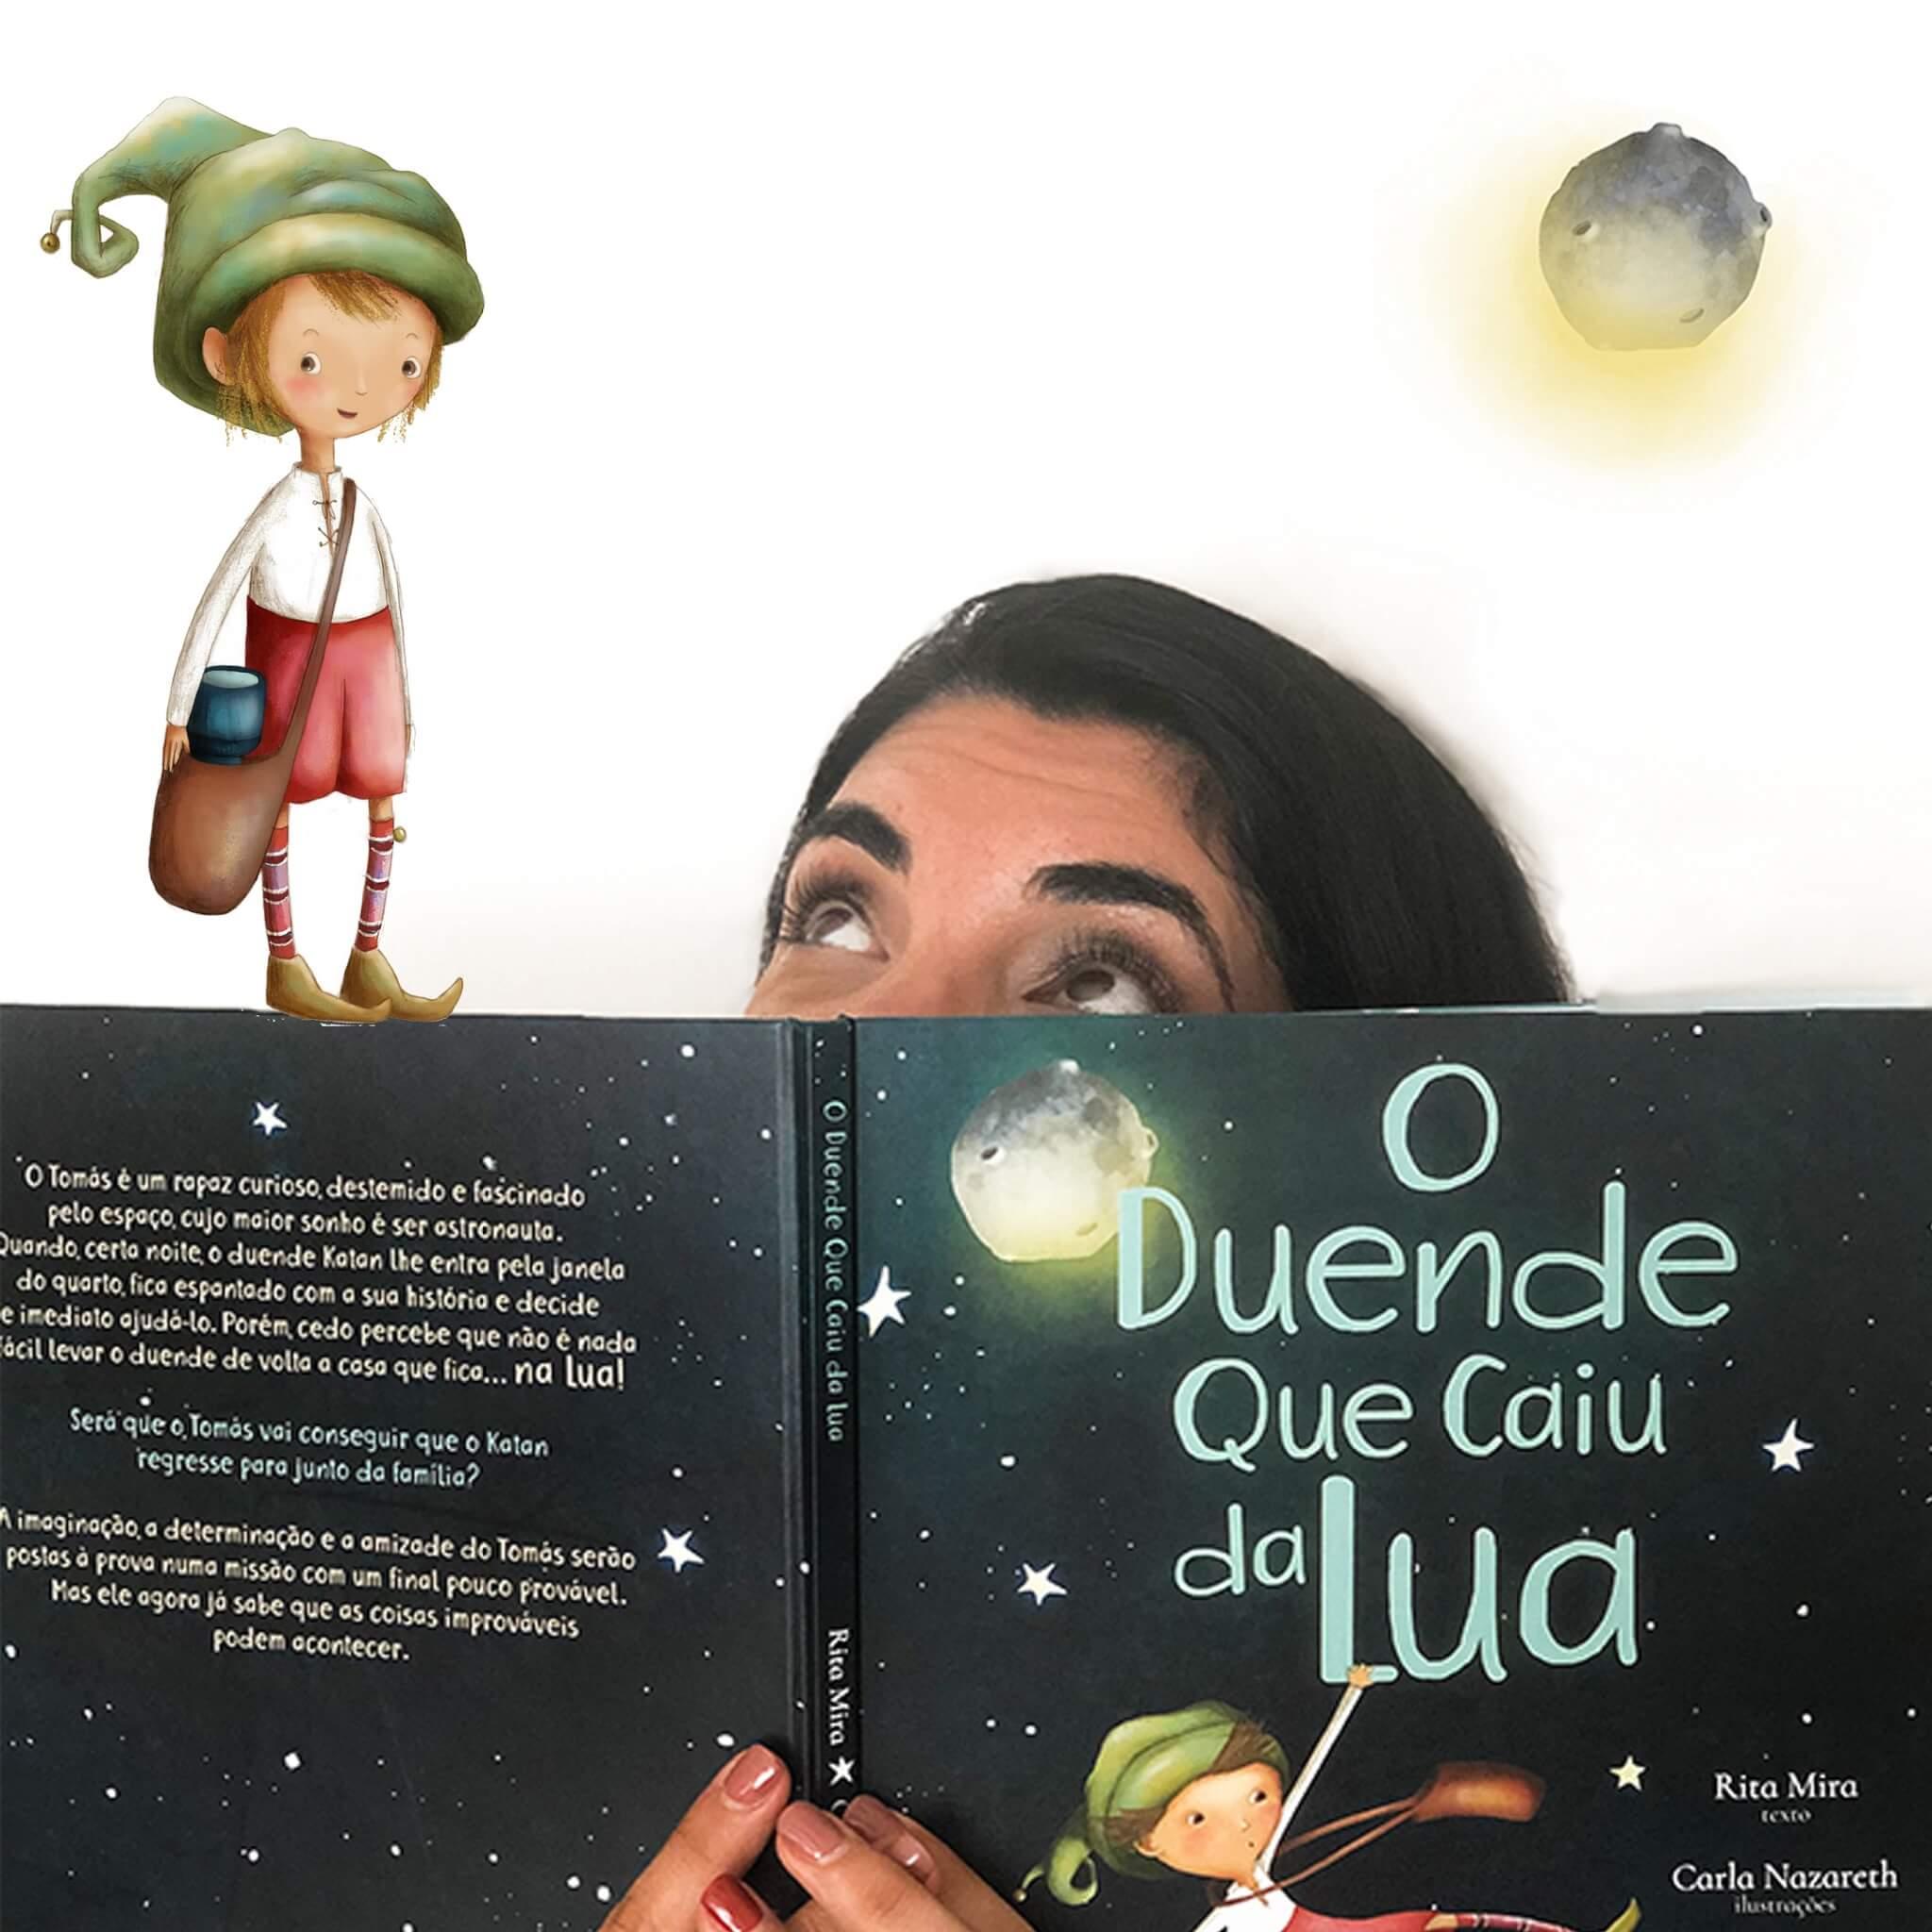 Rita Mira e a escrita